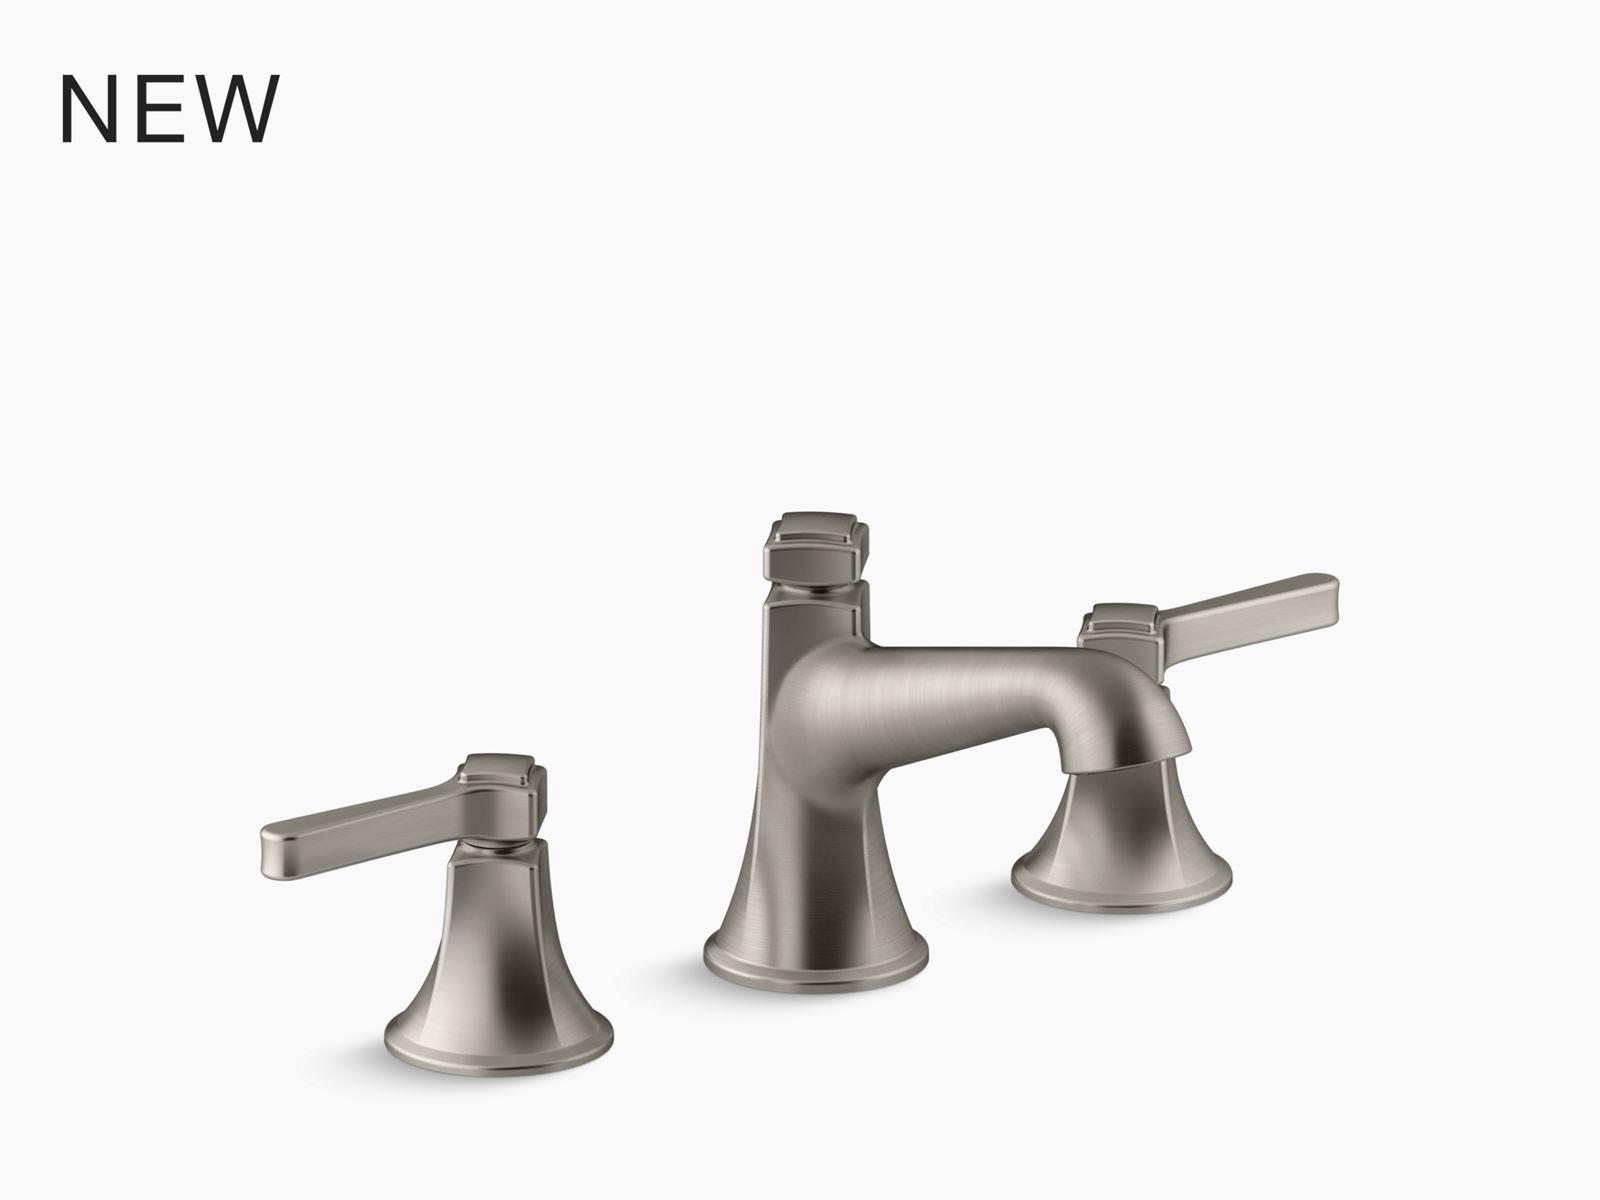 verse stainless steel sink rack